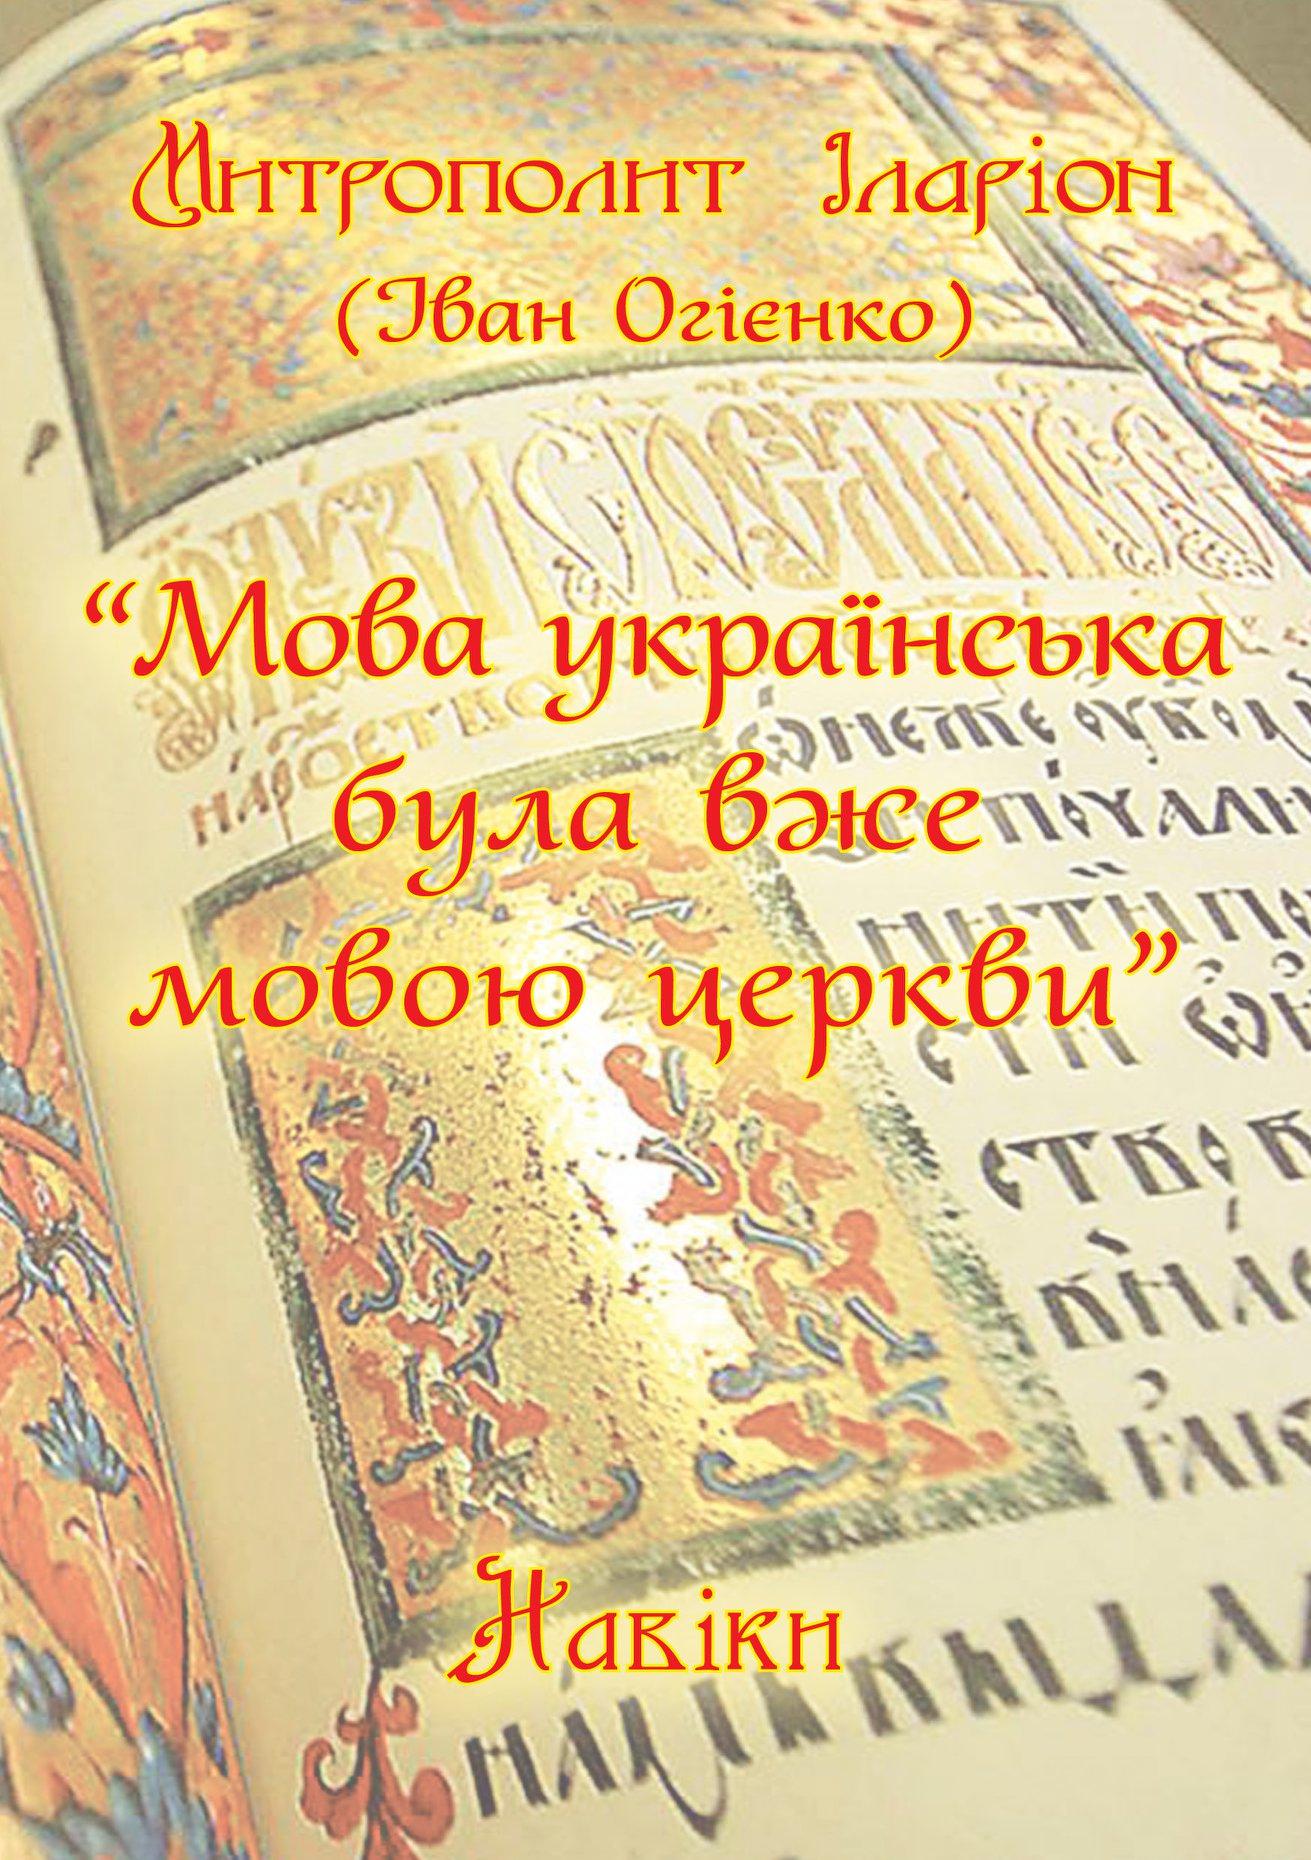 Мова українська була вже мовою церкви. Іван Огієнко